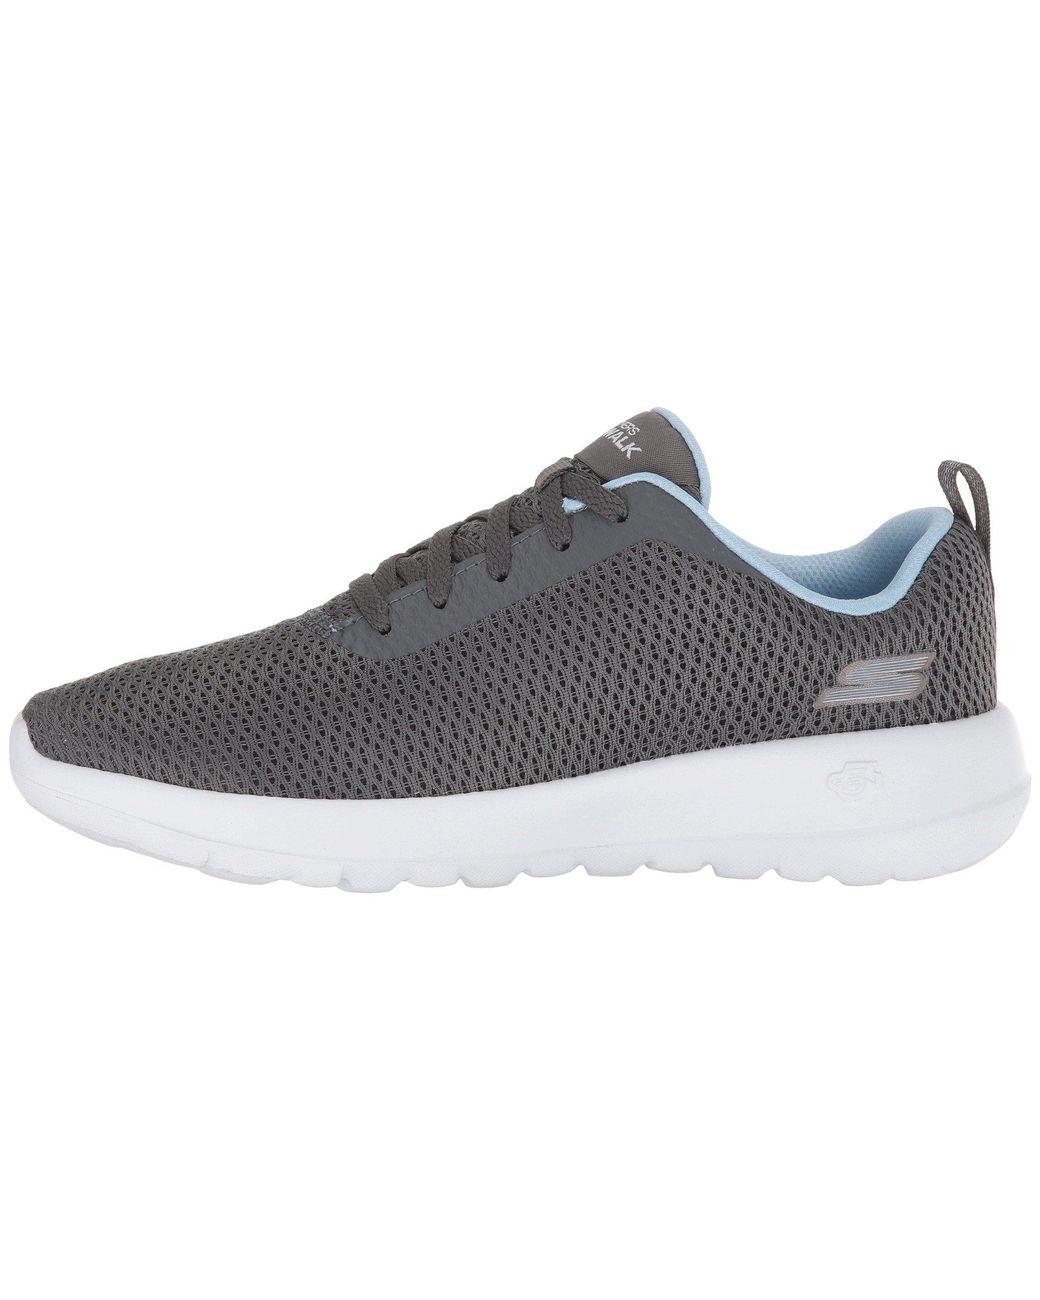 14d9815131f1 Lyst - Skechers Gowalk Joy - Paradise (gray blue) Women s Shoes in Gray